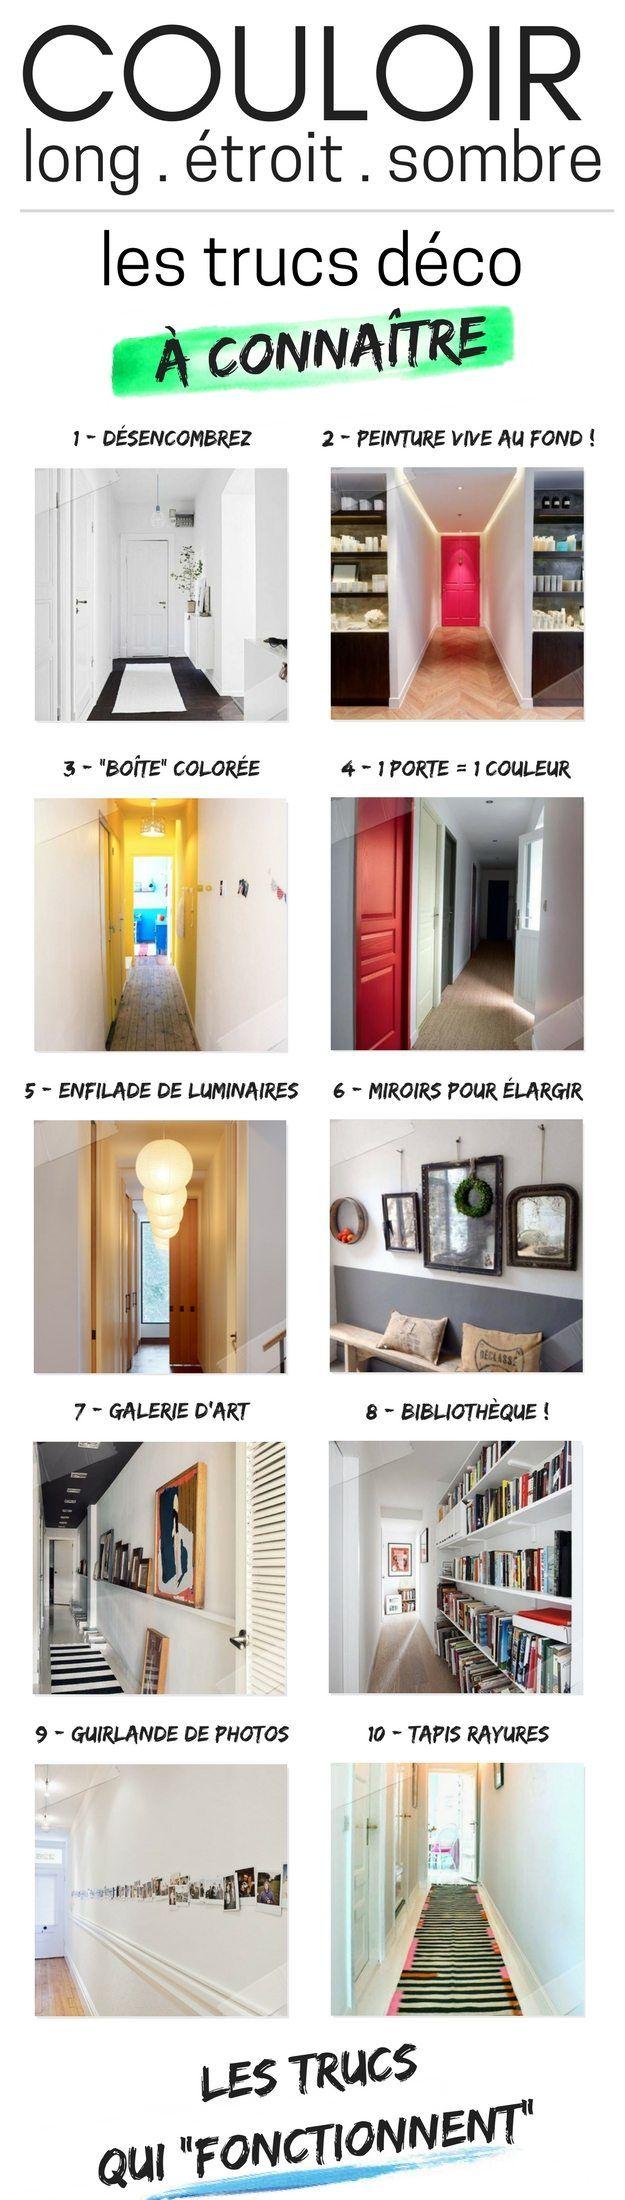 Peindre Couloir Gris Perle décoration couloir long et Étroit (11 astuces efficaces +